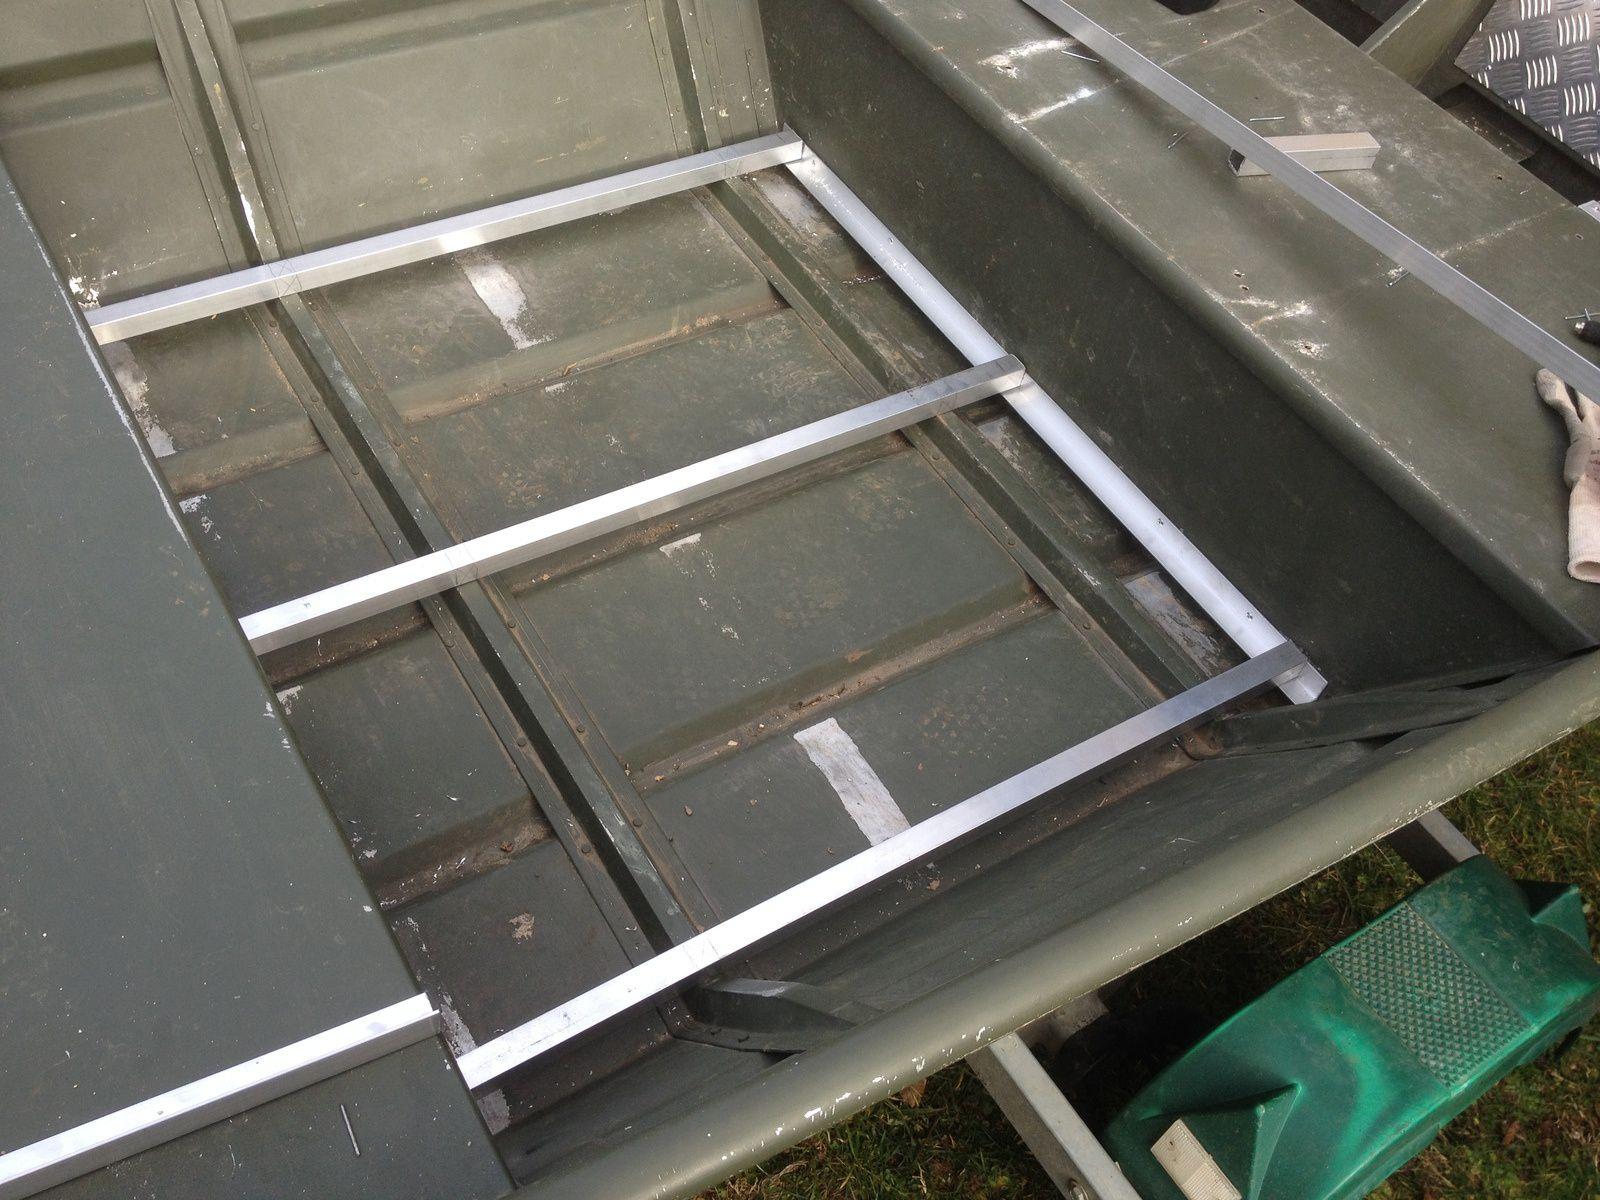 Le plancher central, renforts en appuis sur le fond et les bancs. Couverture en tole alu 4mm